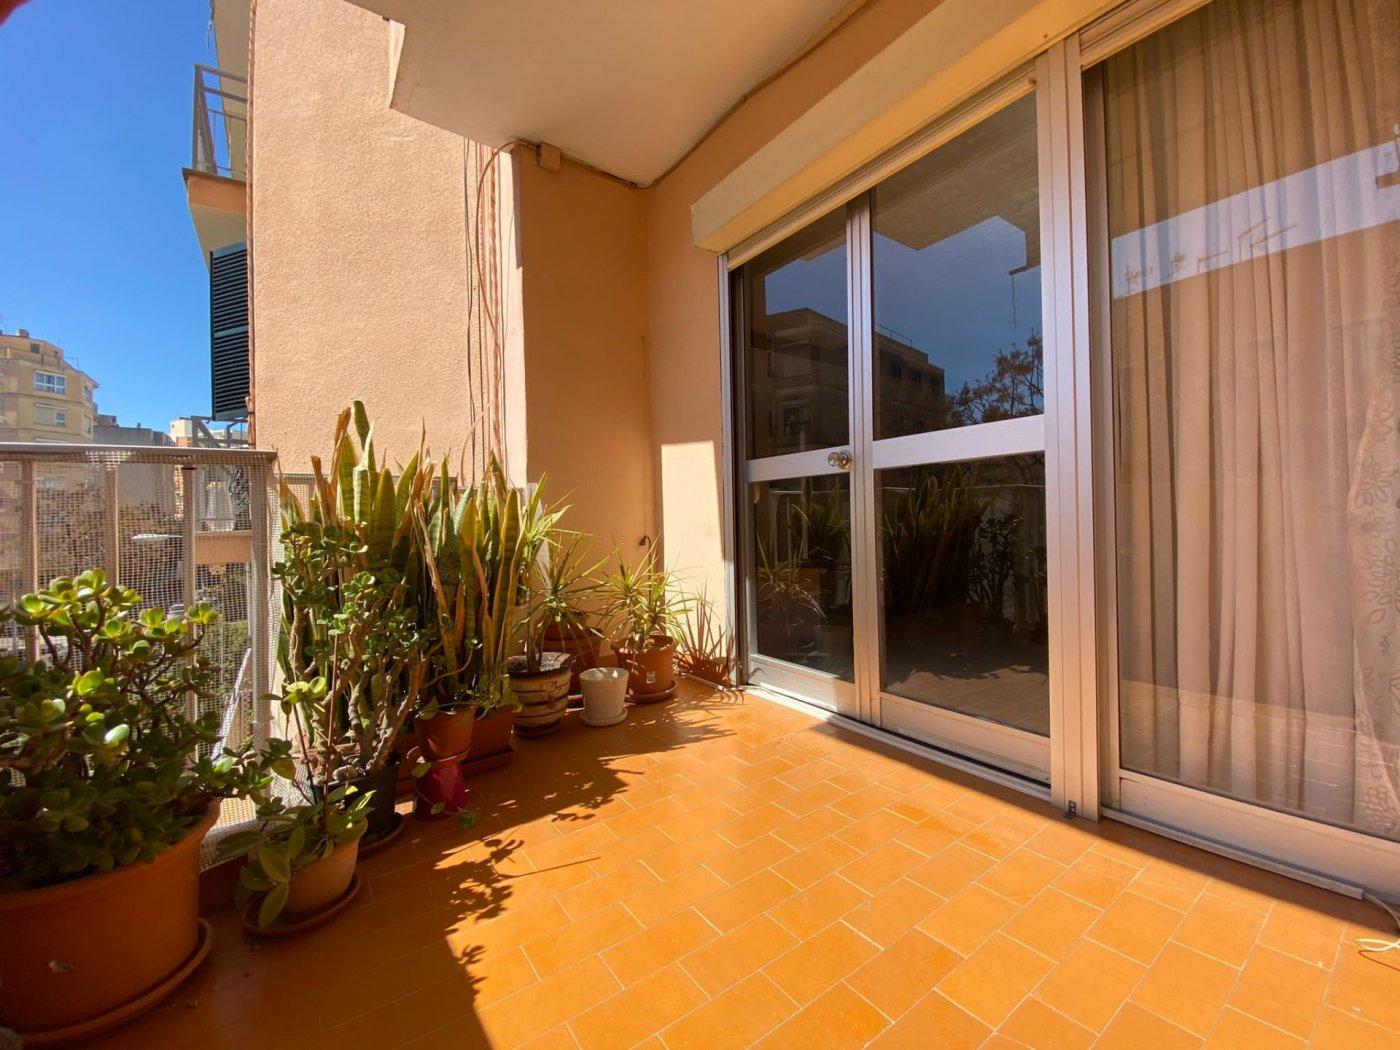 Señorial piso en palma, posibilidad alquiler con opción a compra - imagenInmueble1